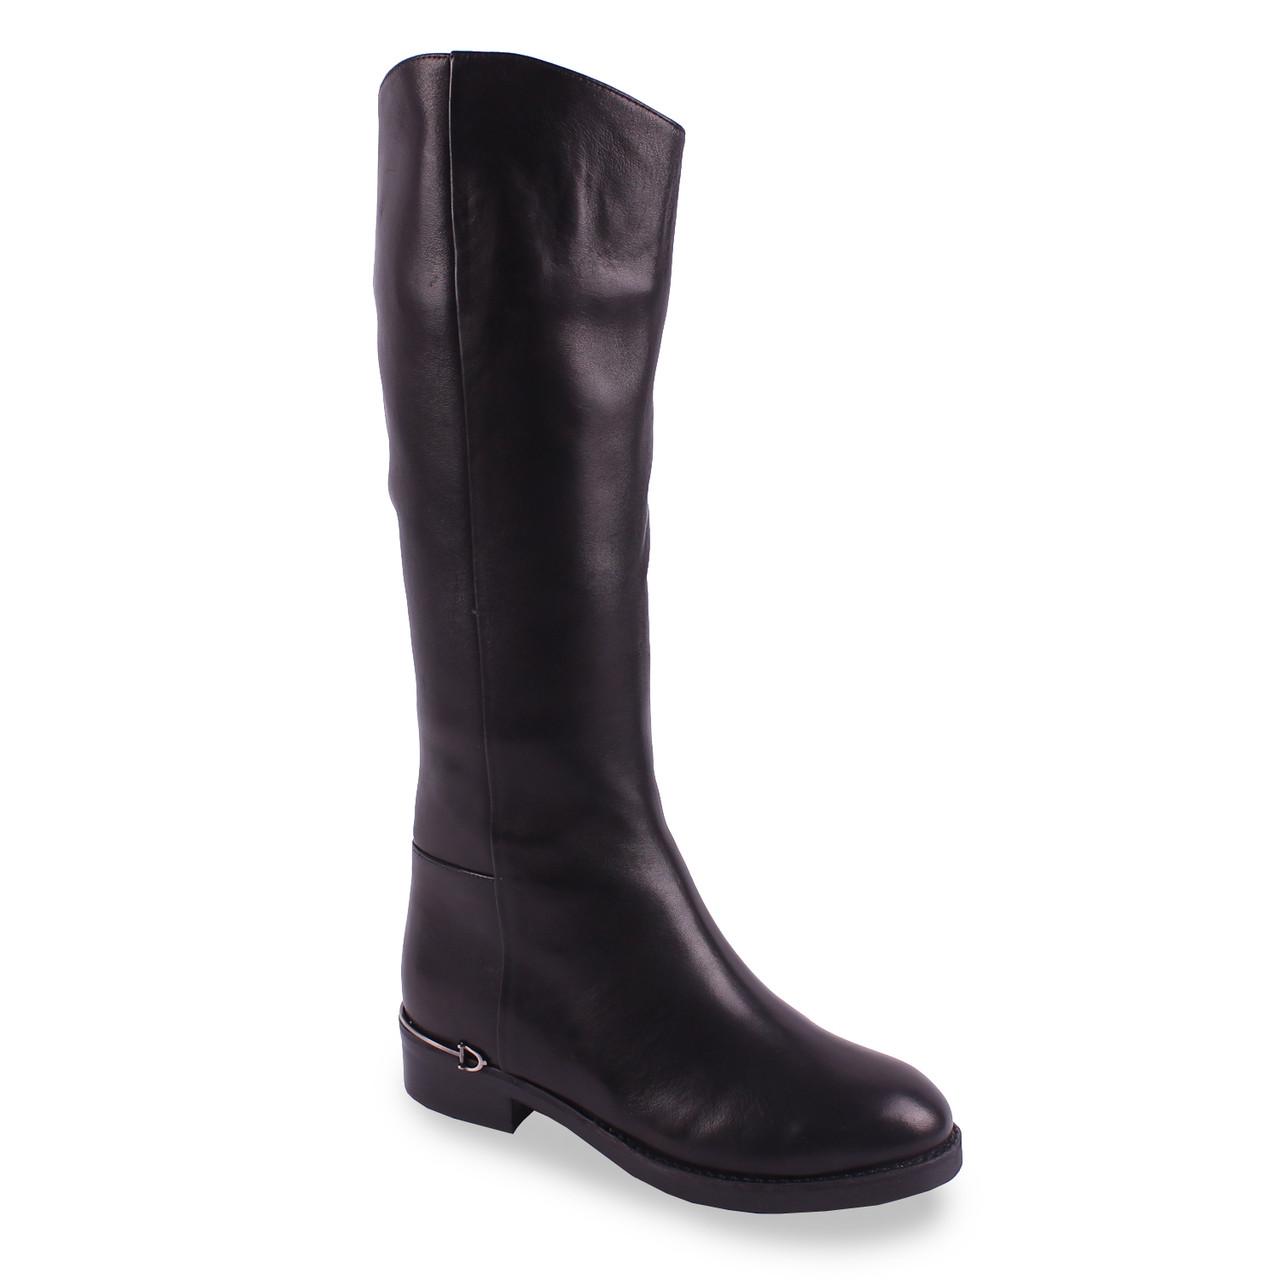 Стильные сапоги Deenoor (кожаные, зимние, стильный дизайн, черные, удобная подошва, Динор)